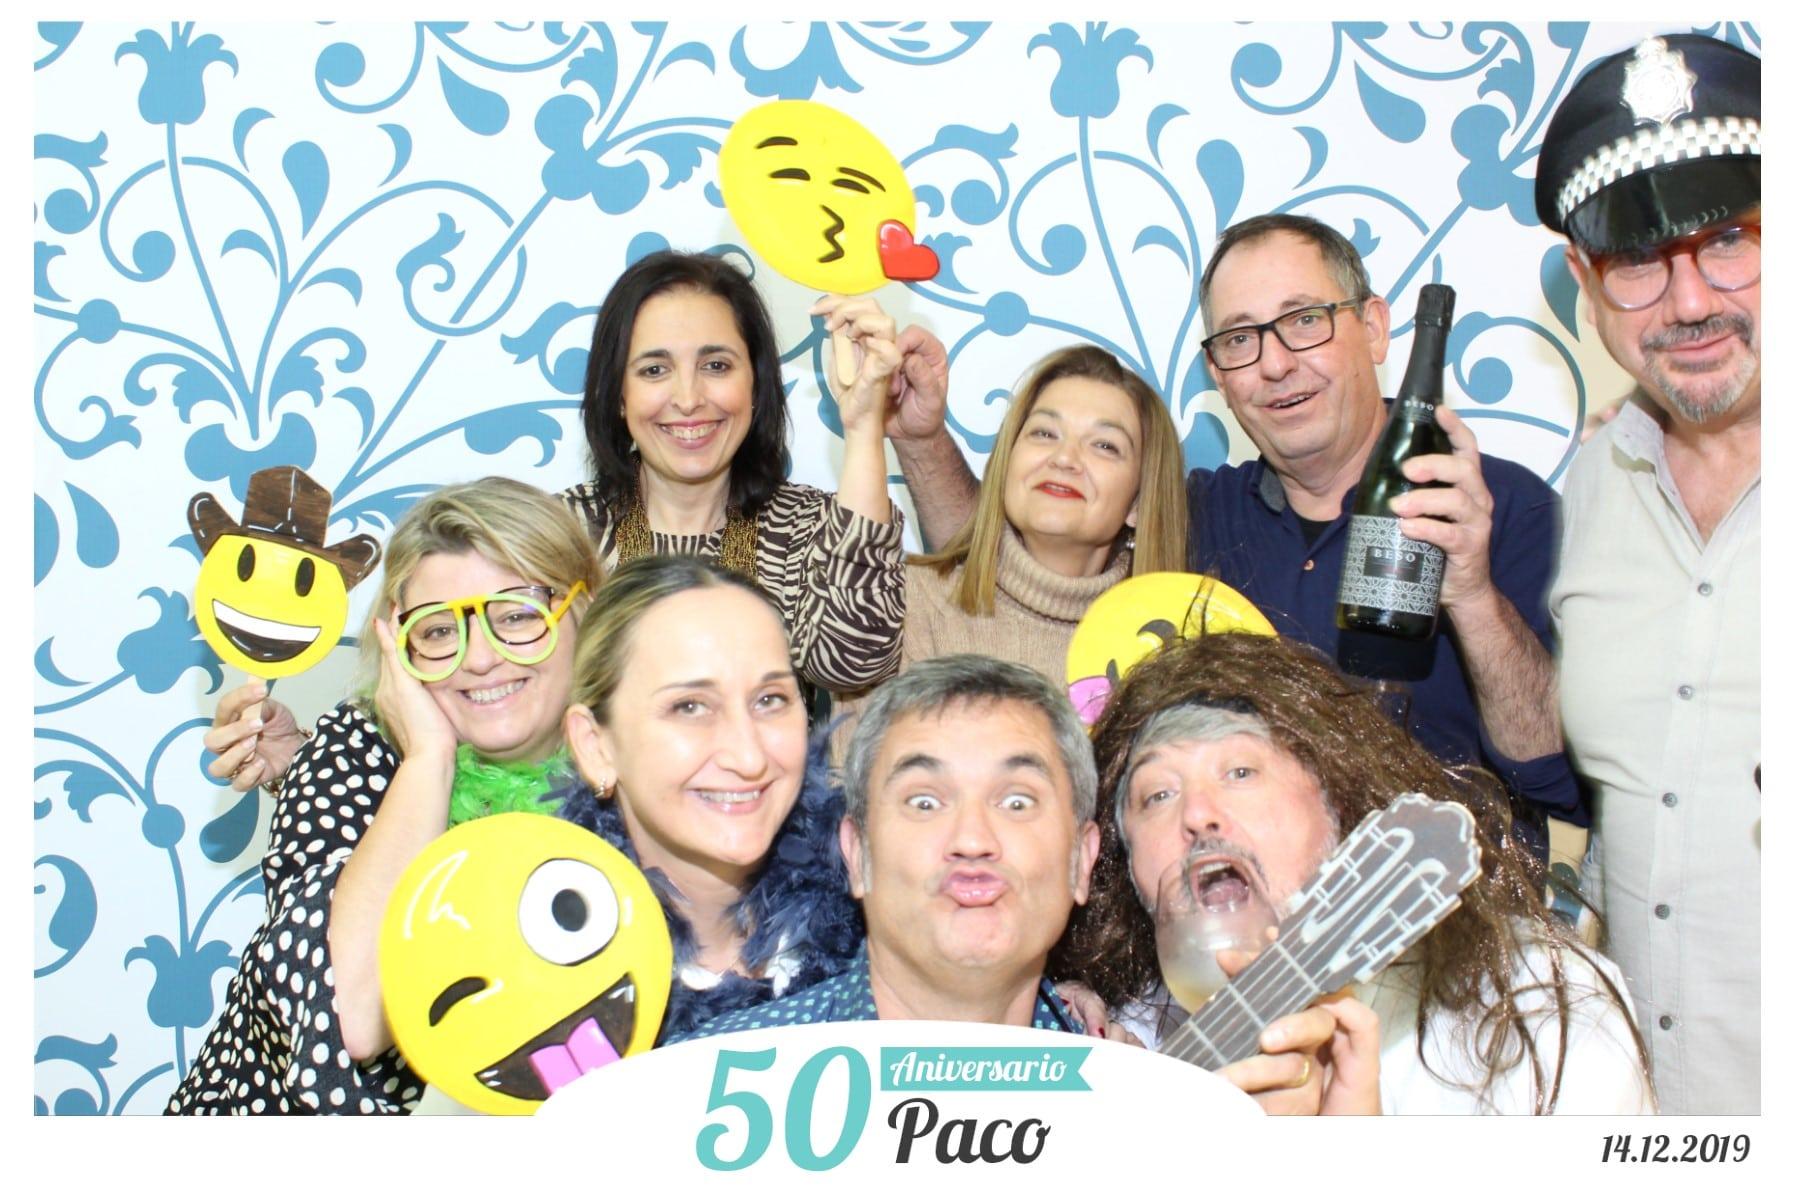 50 Aniversario Paco 14122019 MrFotomaton (2)-min